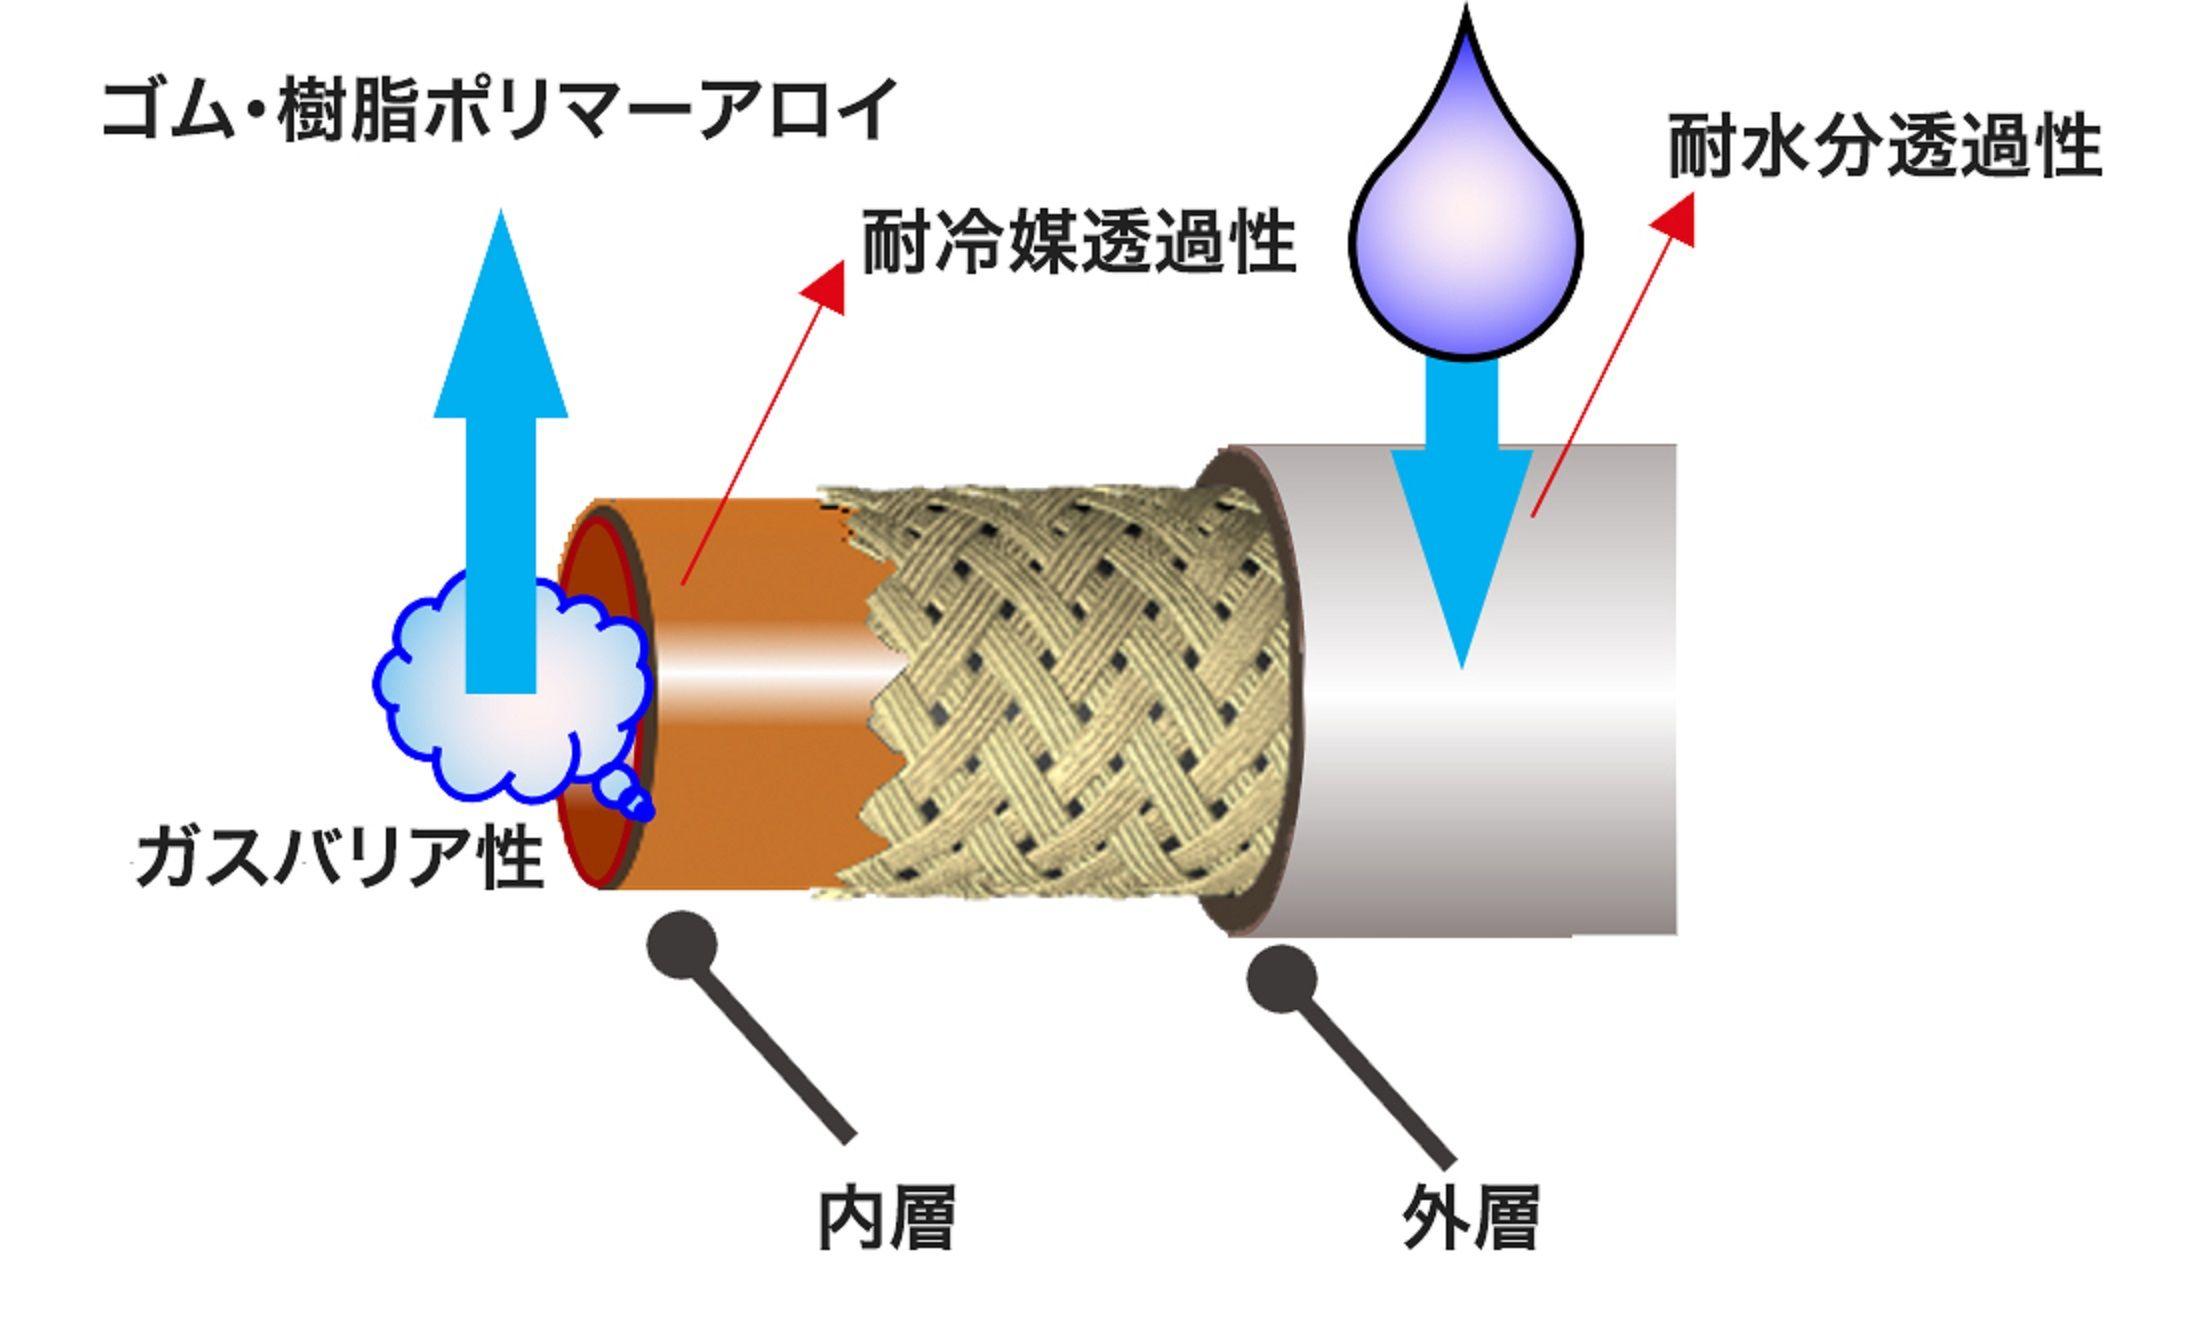 横浜ゴム、樹脂活用で50%軽量化した自動車用エアコンホースを開発 2024年から本格展開